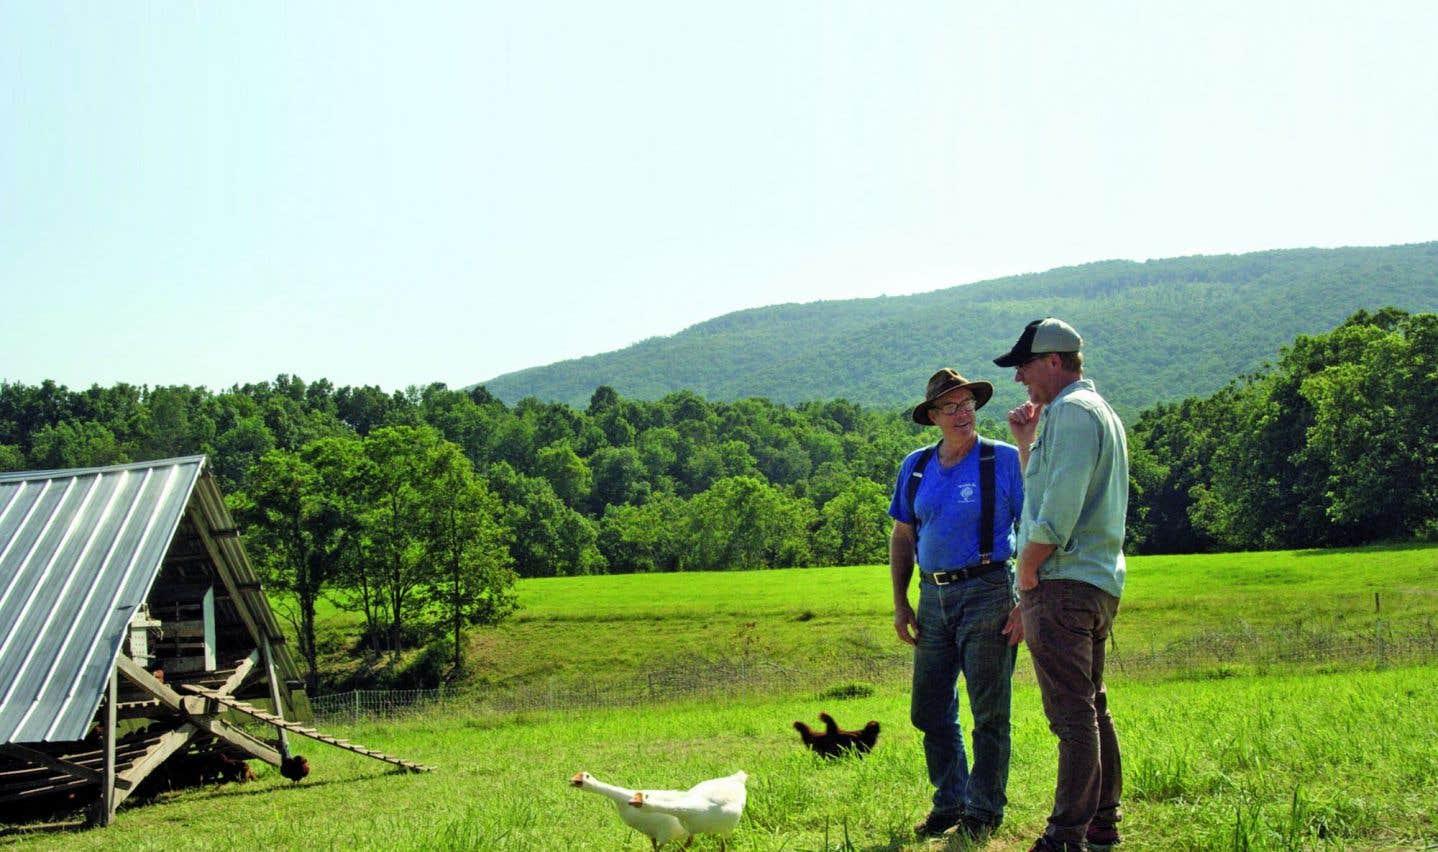 Le fermier le plus important du monde moderne, Joel Salatin, en compagnie du cinéaste Marc Séguin dans «La ferme et son État». Salatin démontre par la pratique qu'on pourrait concevoir l'agriculture autrement.